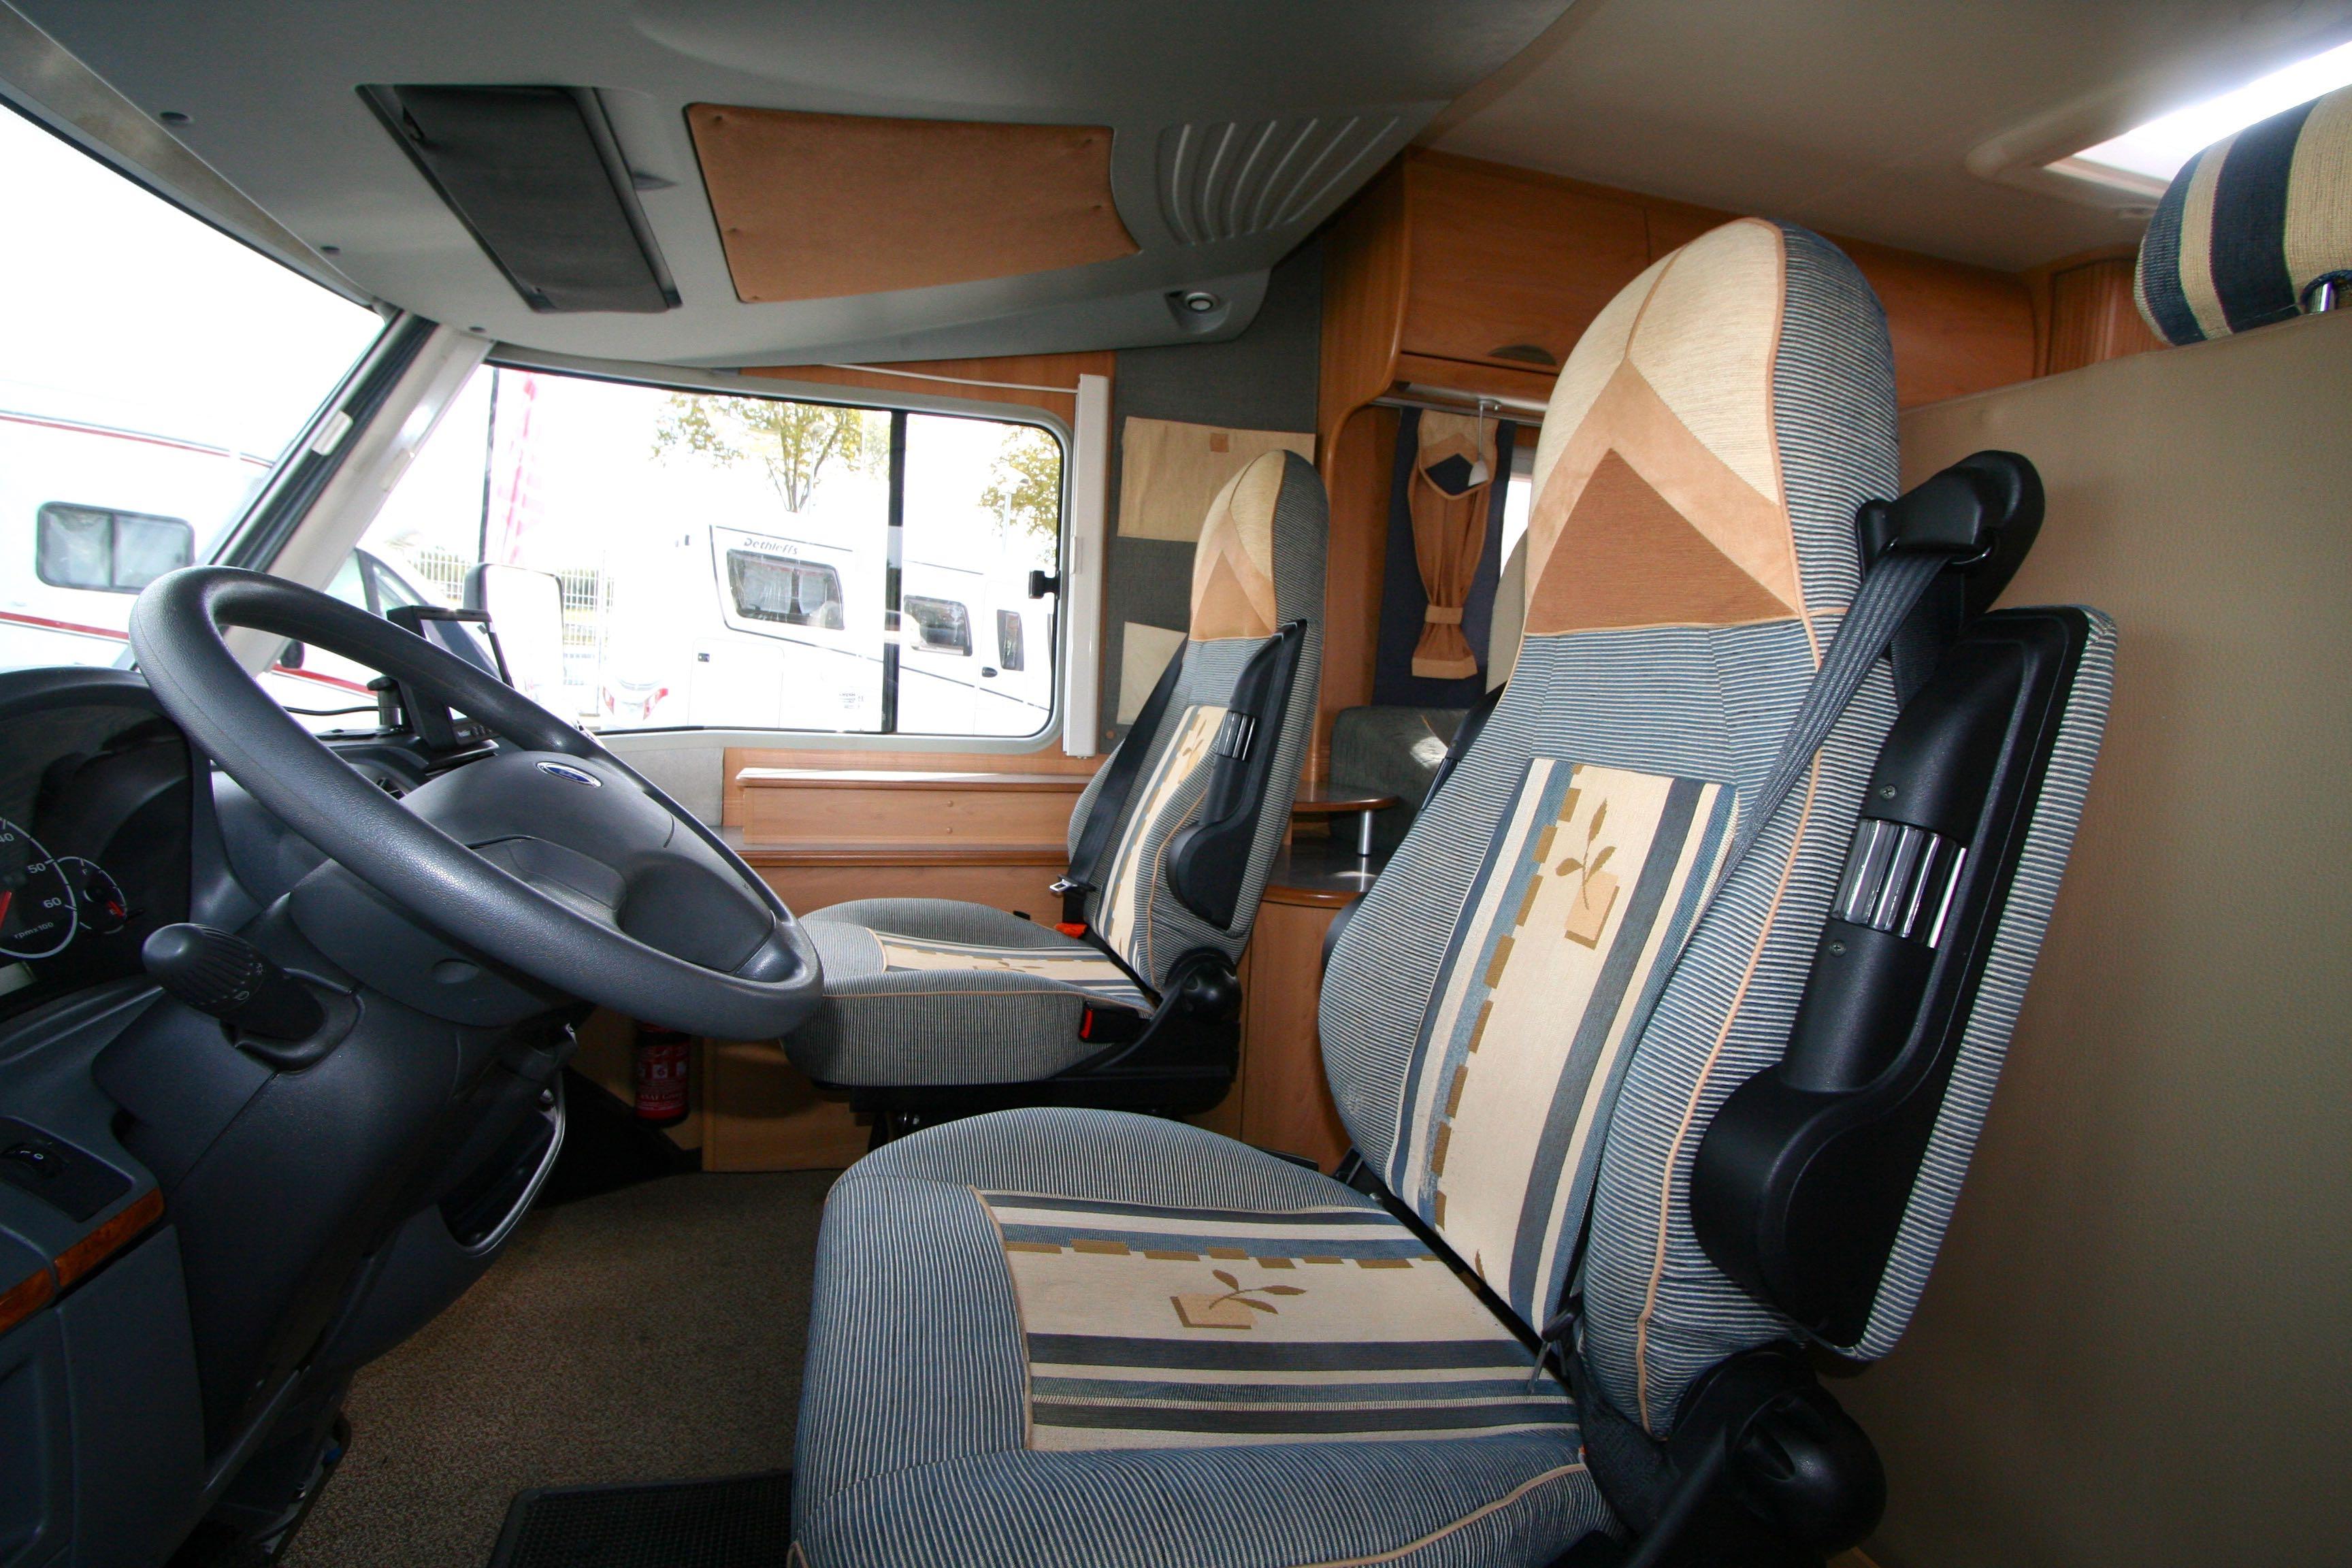 burstner elegance i 680 occasion de 2005 fiat camping car en vente roques sur garonne. Black Bedroom Furniture Sets. Home Design Ideas